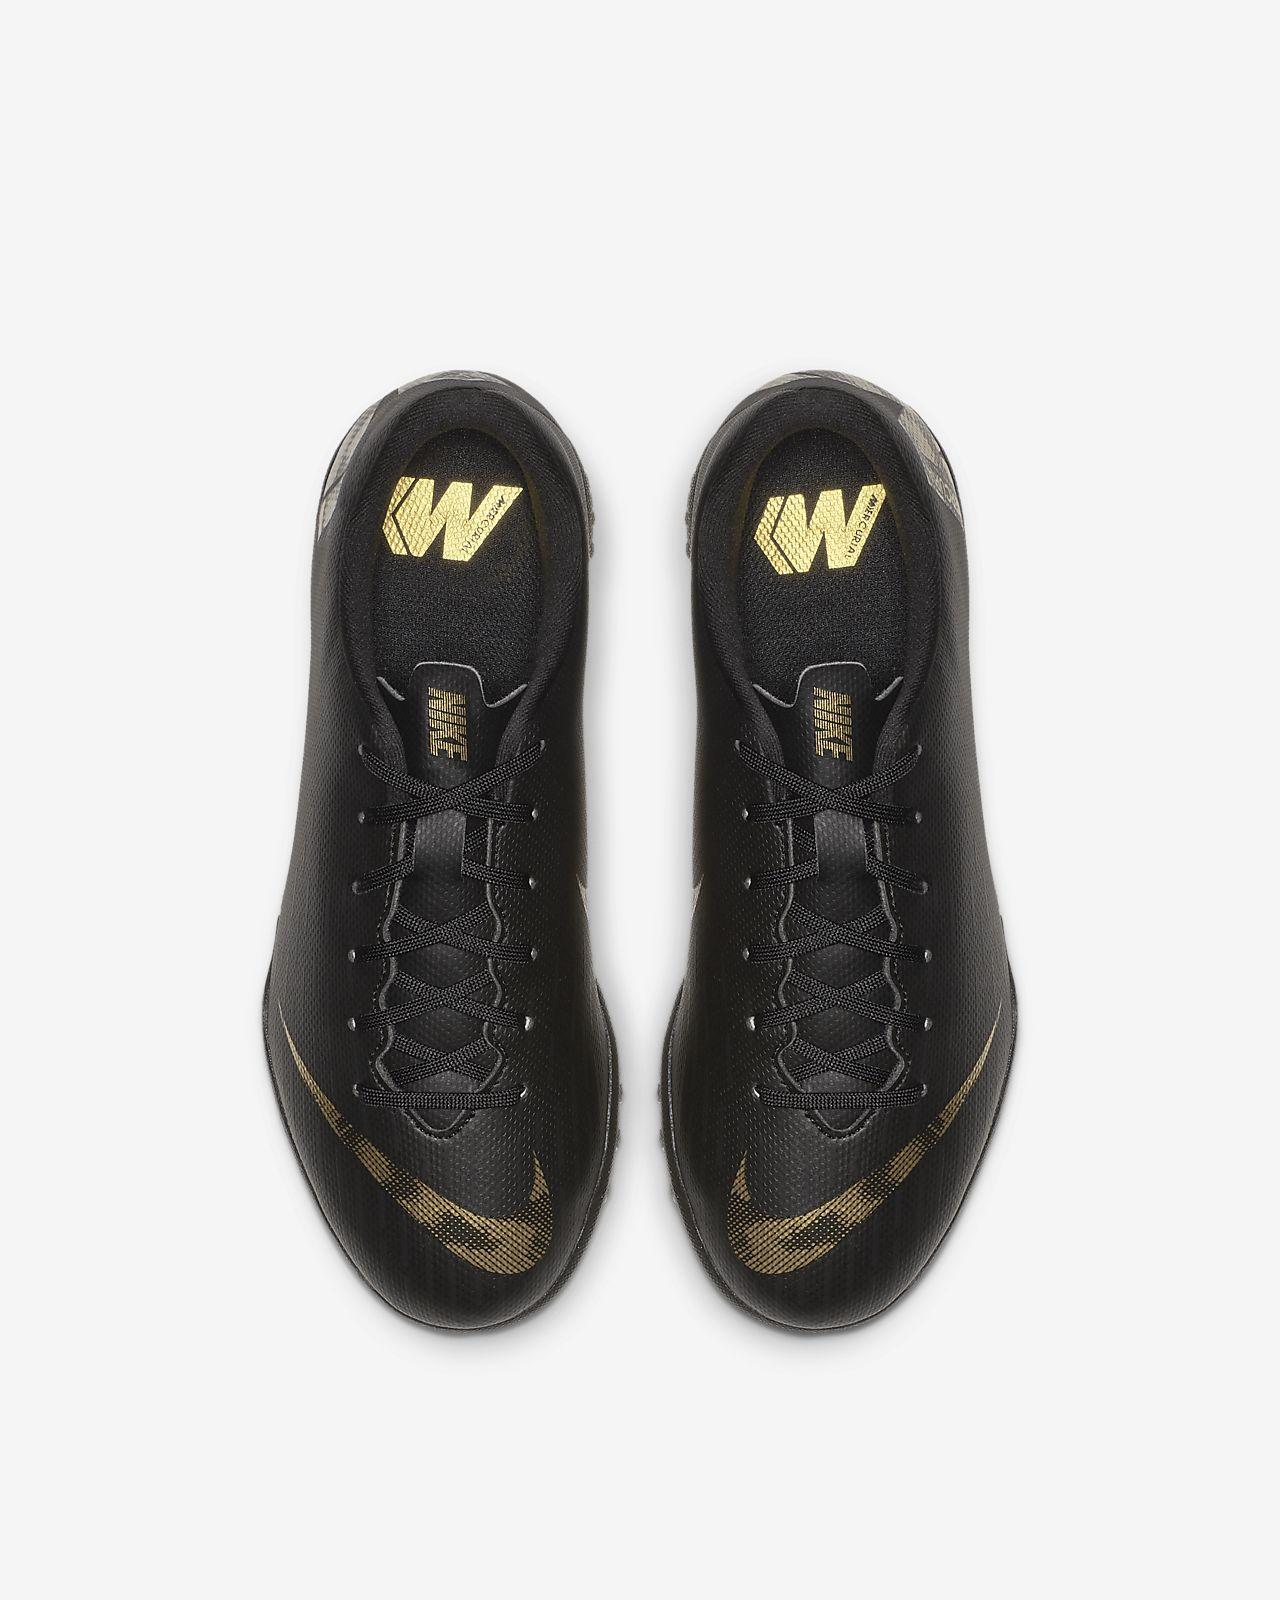 hot sale online b84f1 2d347 ... Buty piłkarskie na nawierzchnię typu turf dla małych/dużych dzieci Nike  Jr. MercurialX Vapor